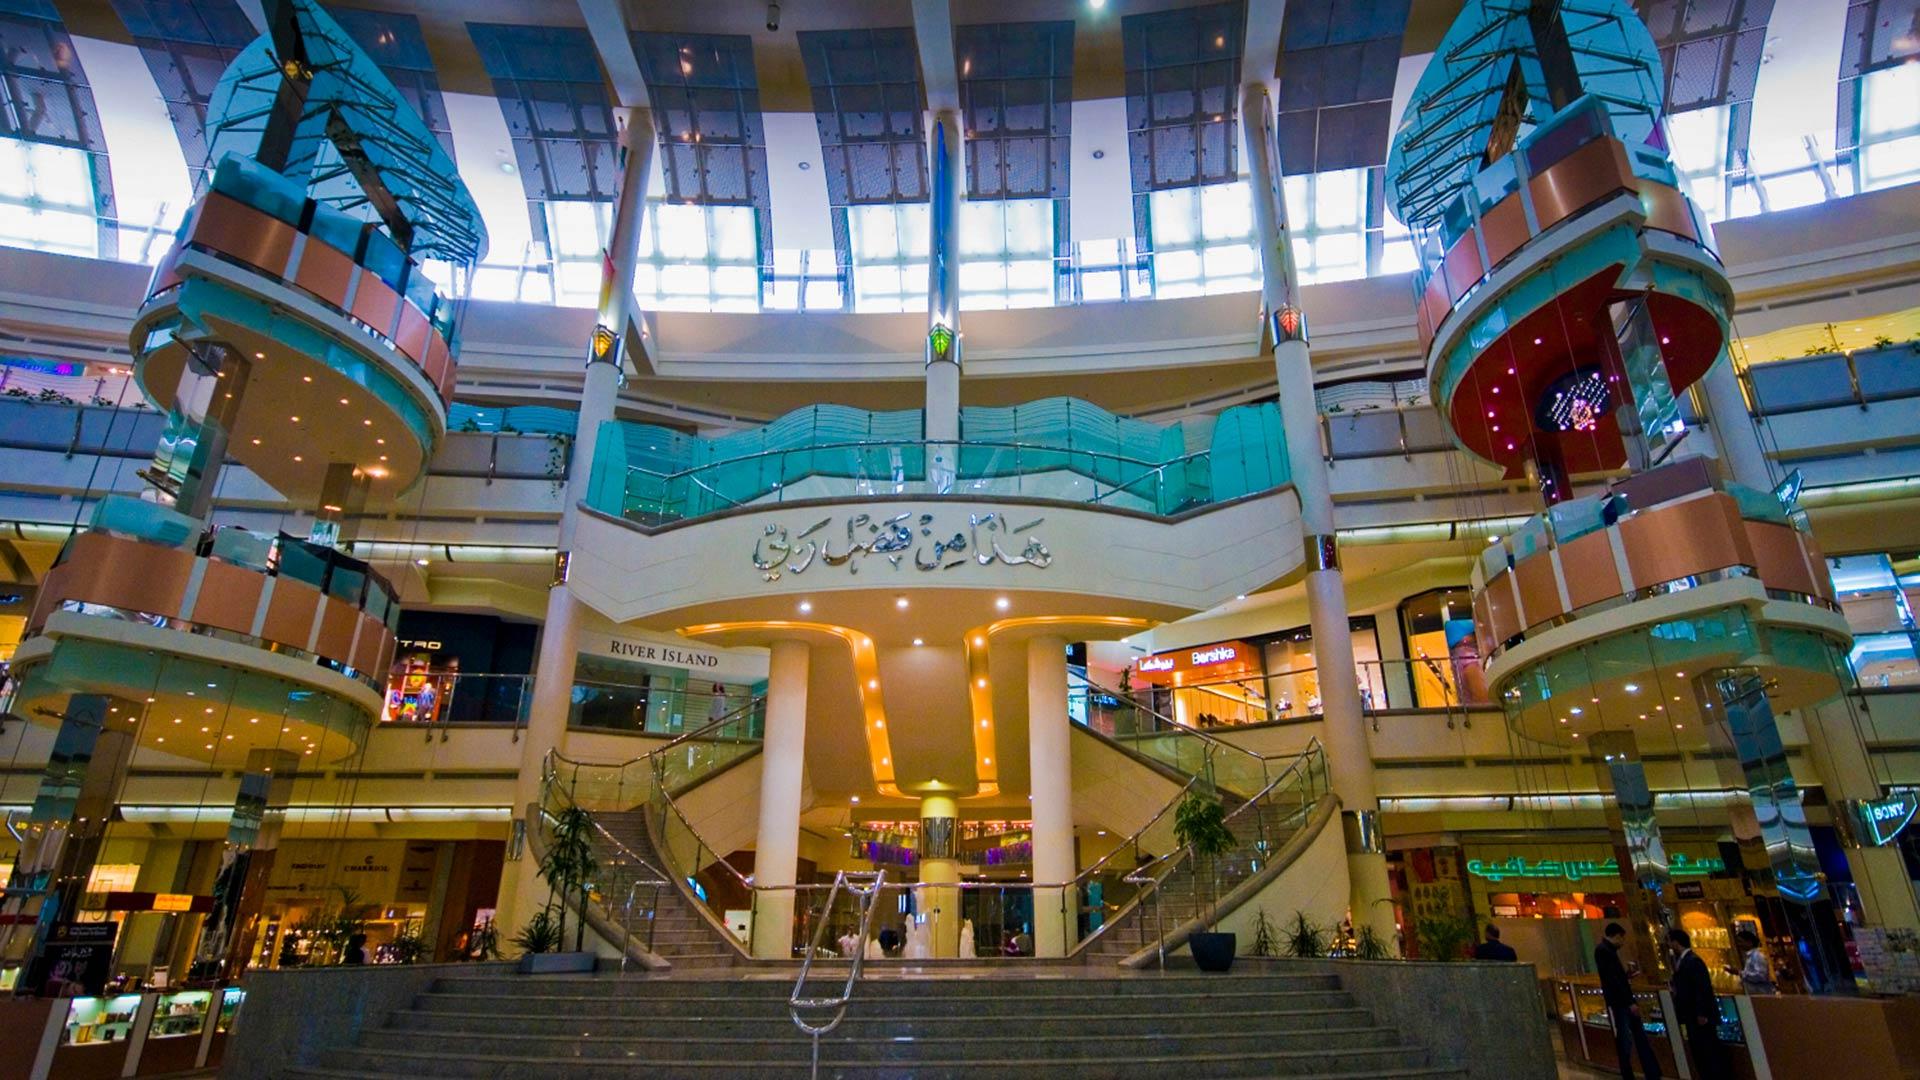 Shopping center in Riyadh, Saudi Arabia